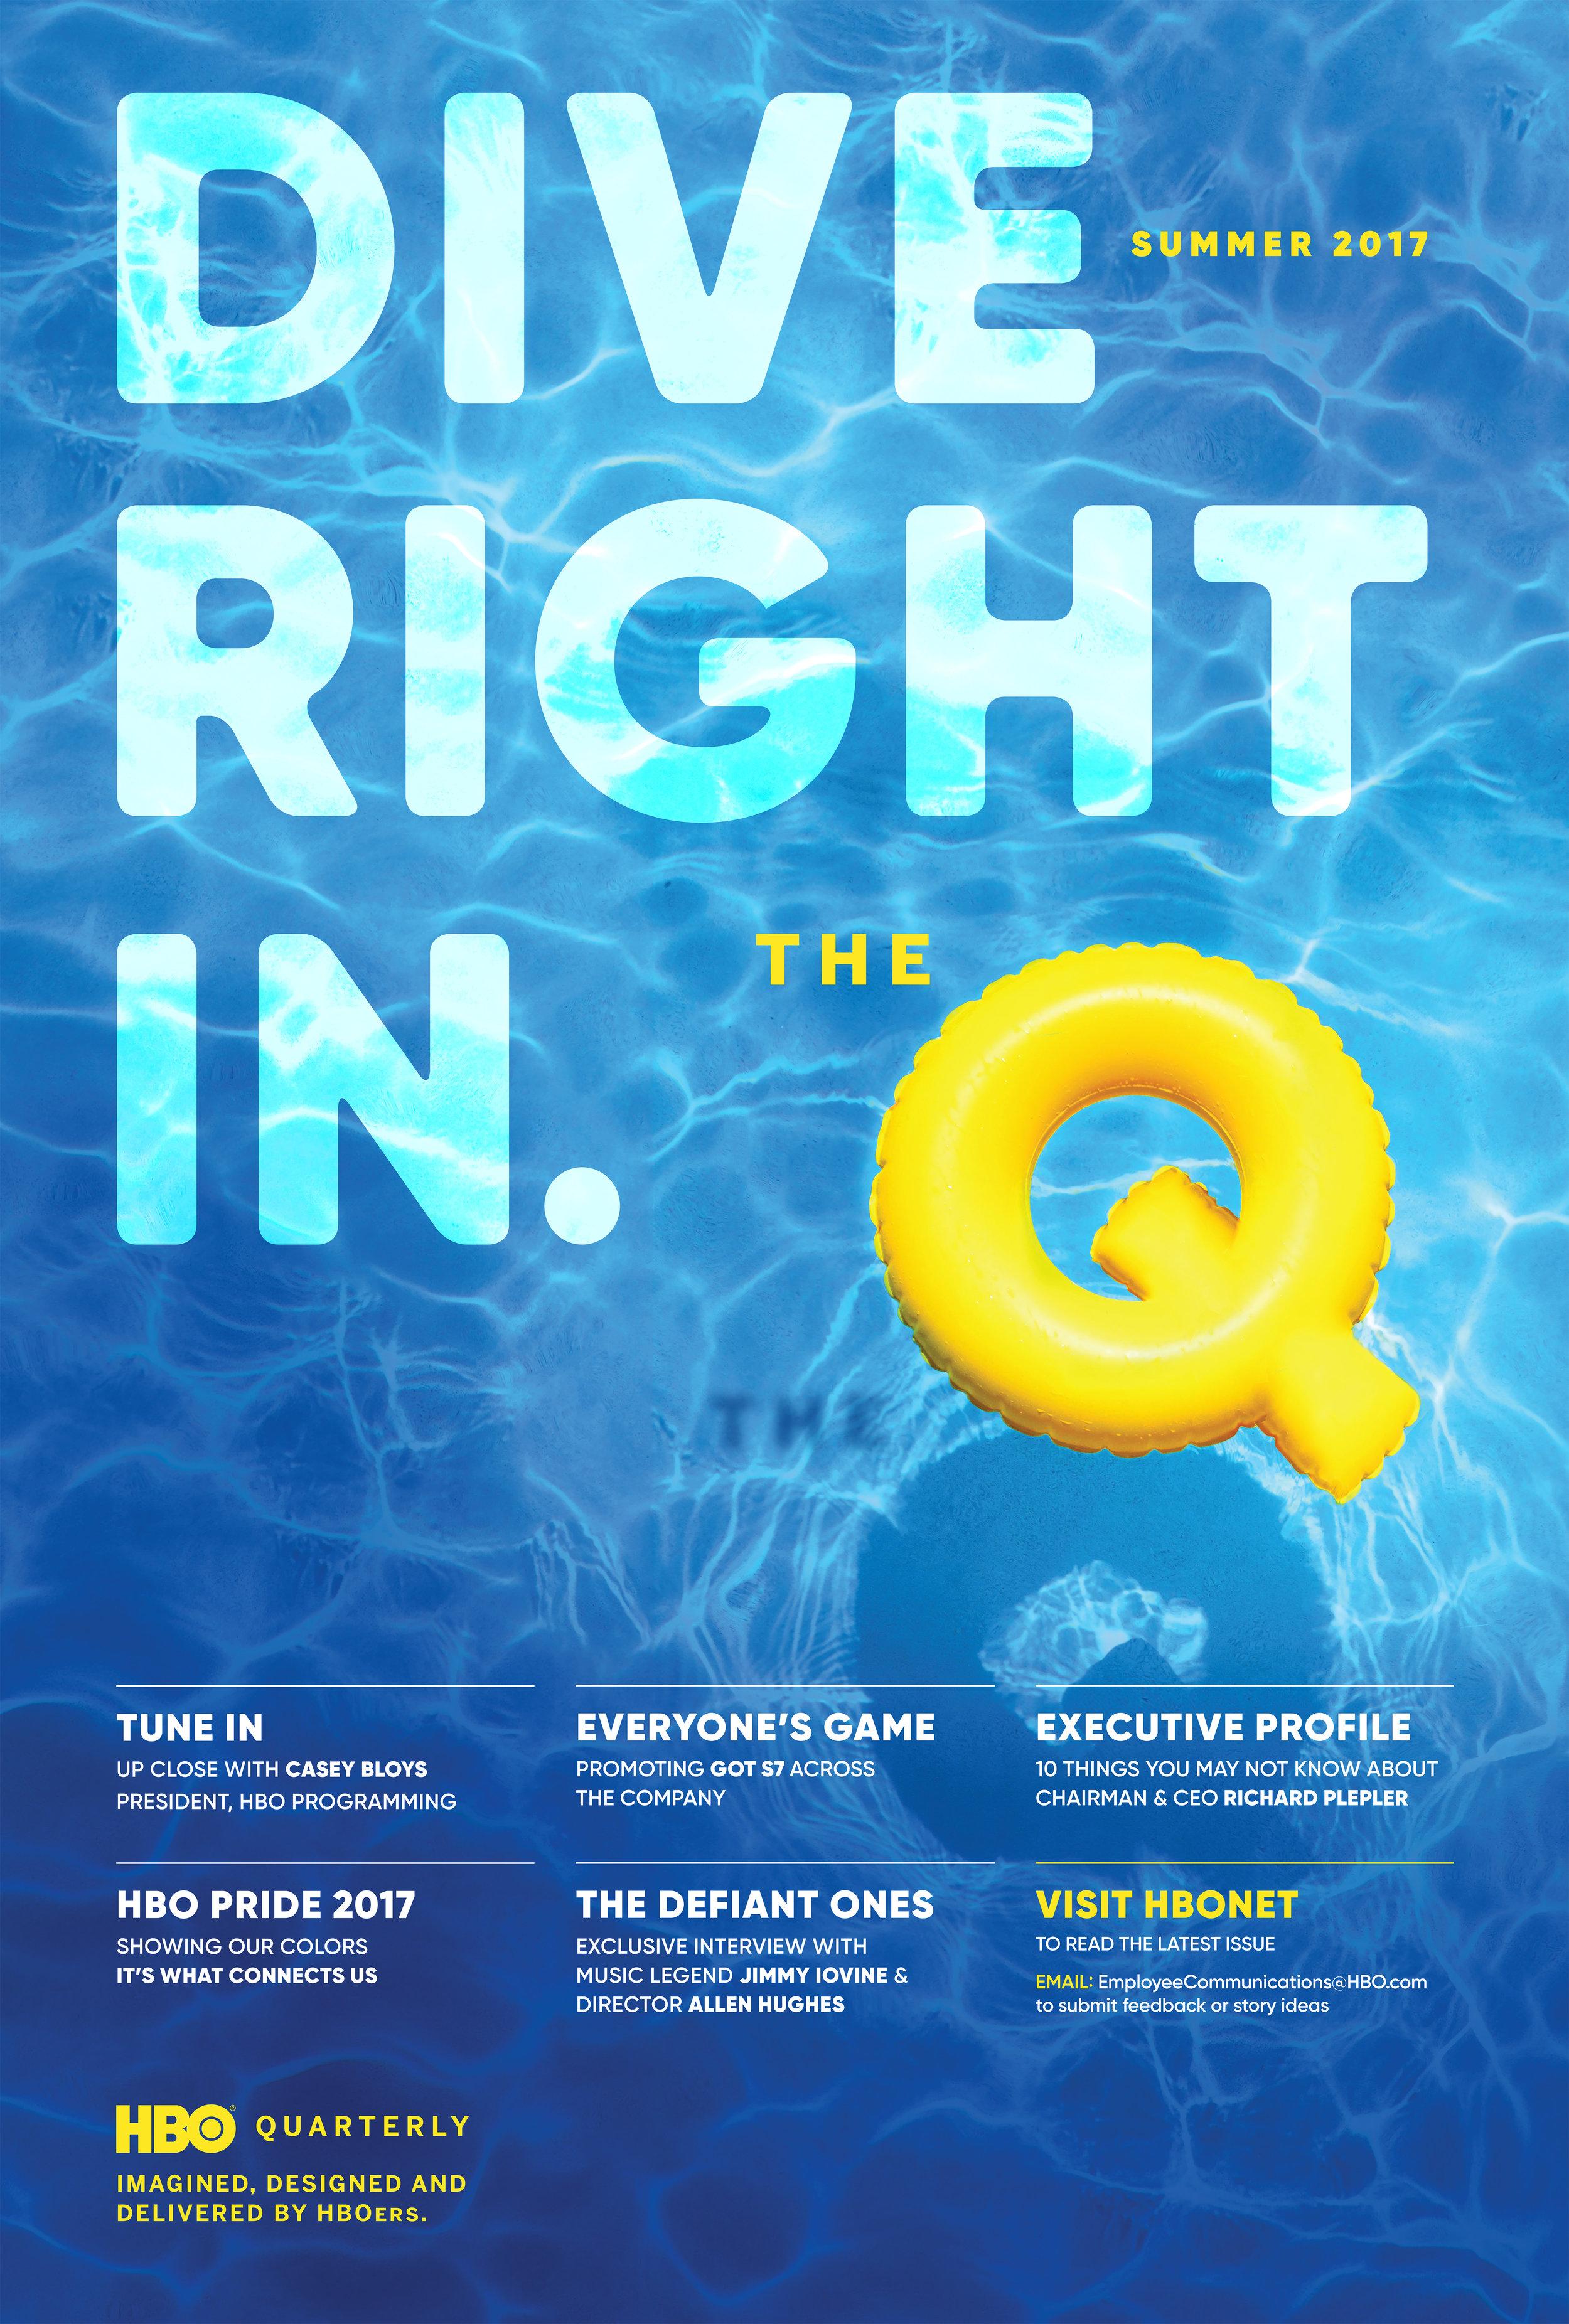 1315992_HR-OE_The Q 2017_Summer_PO_V18.jpg